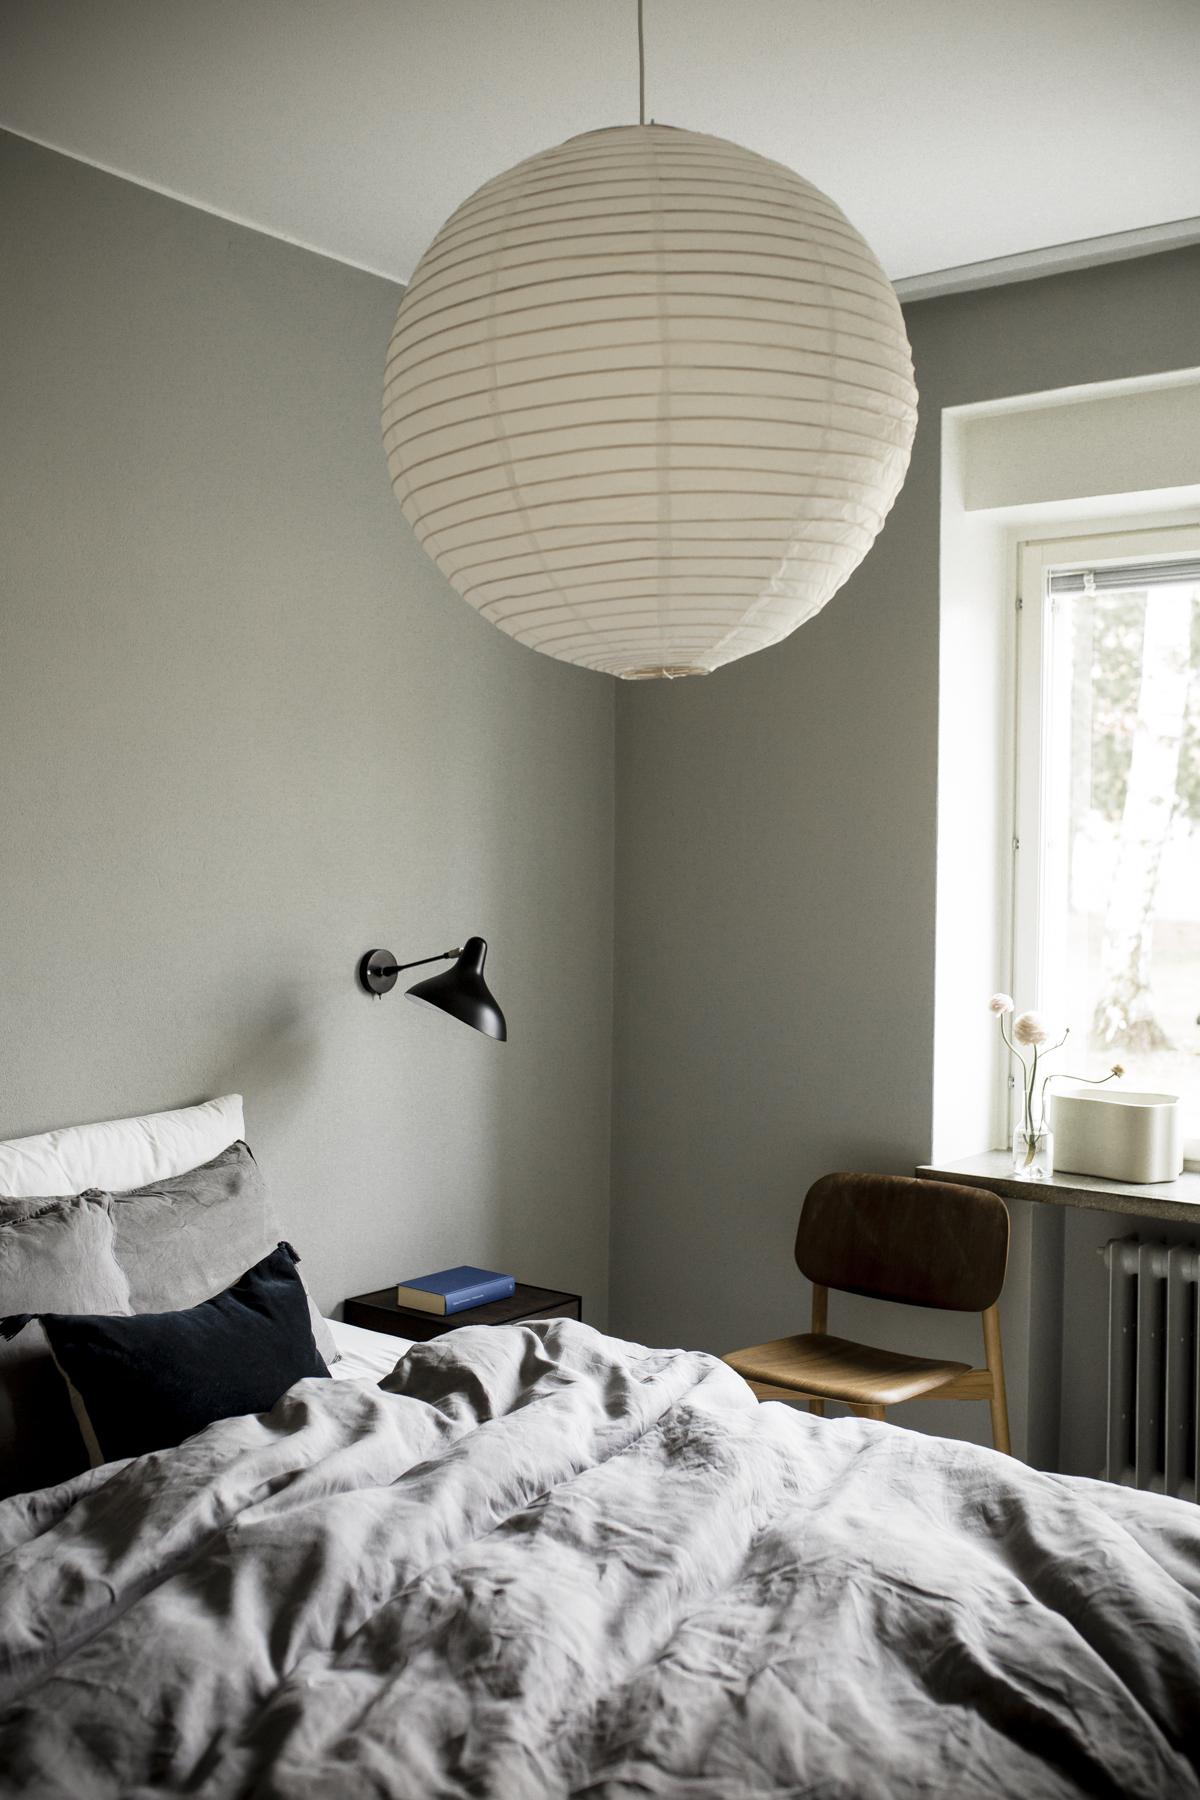 Sunnuntaitunnelmaa kokoharmaassa makuuhuoneessa